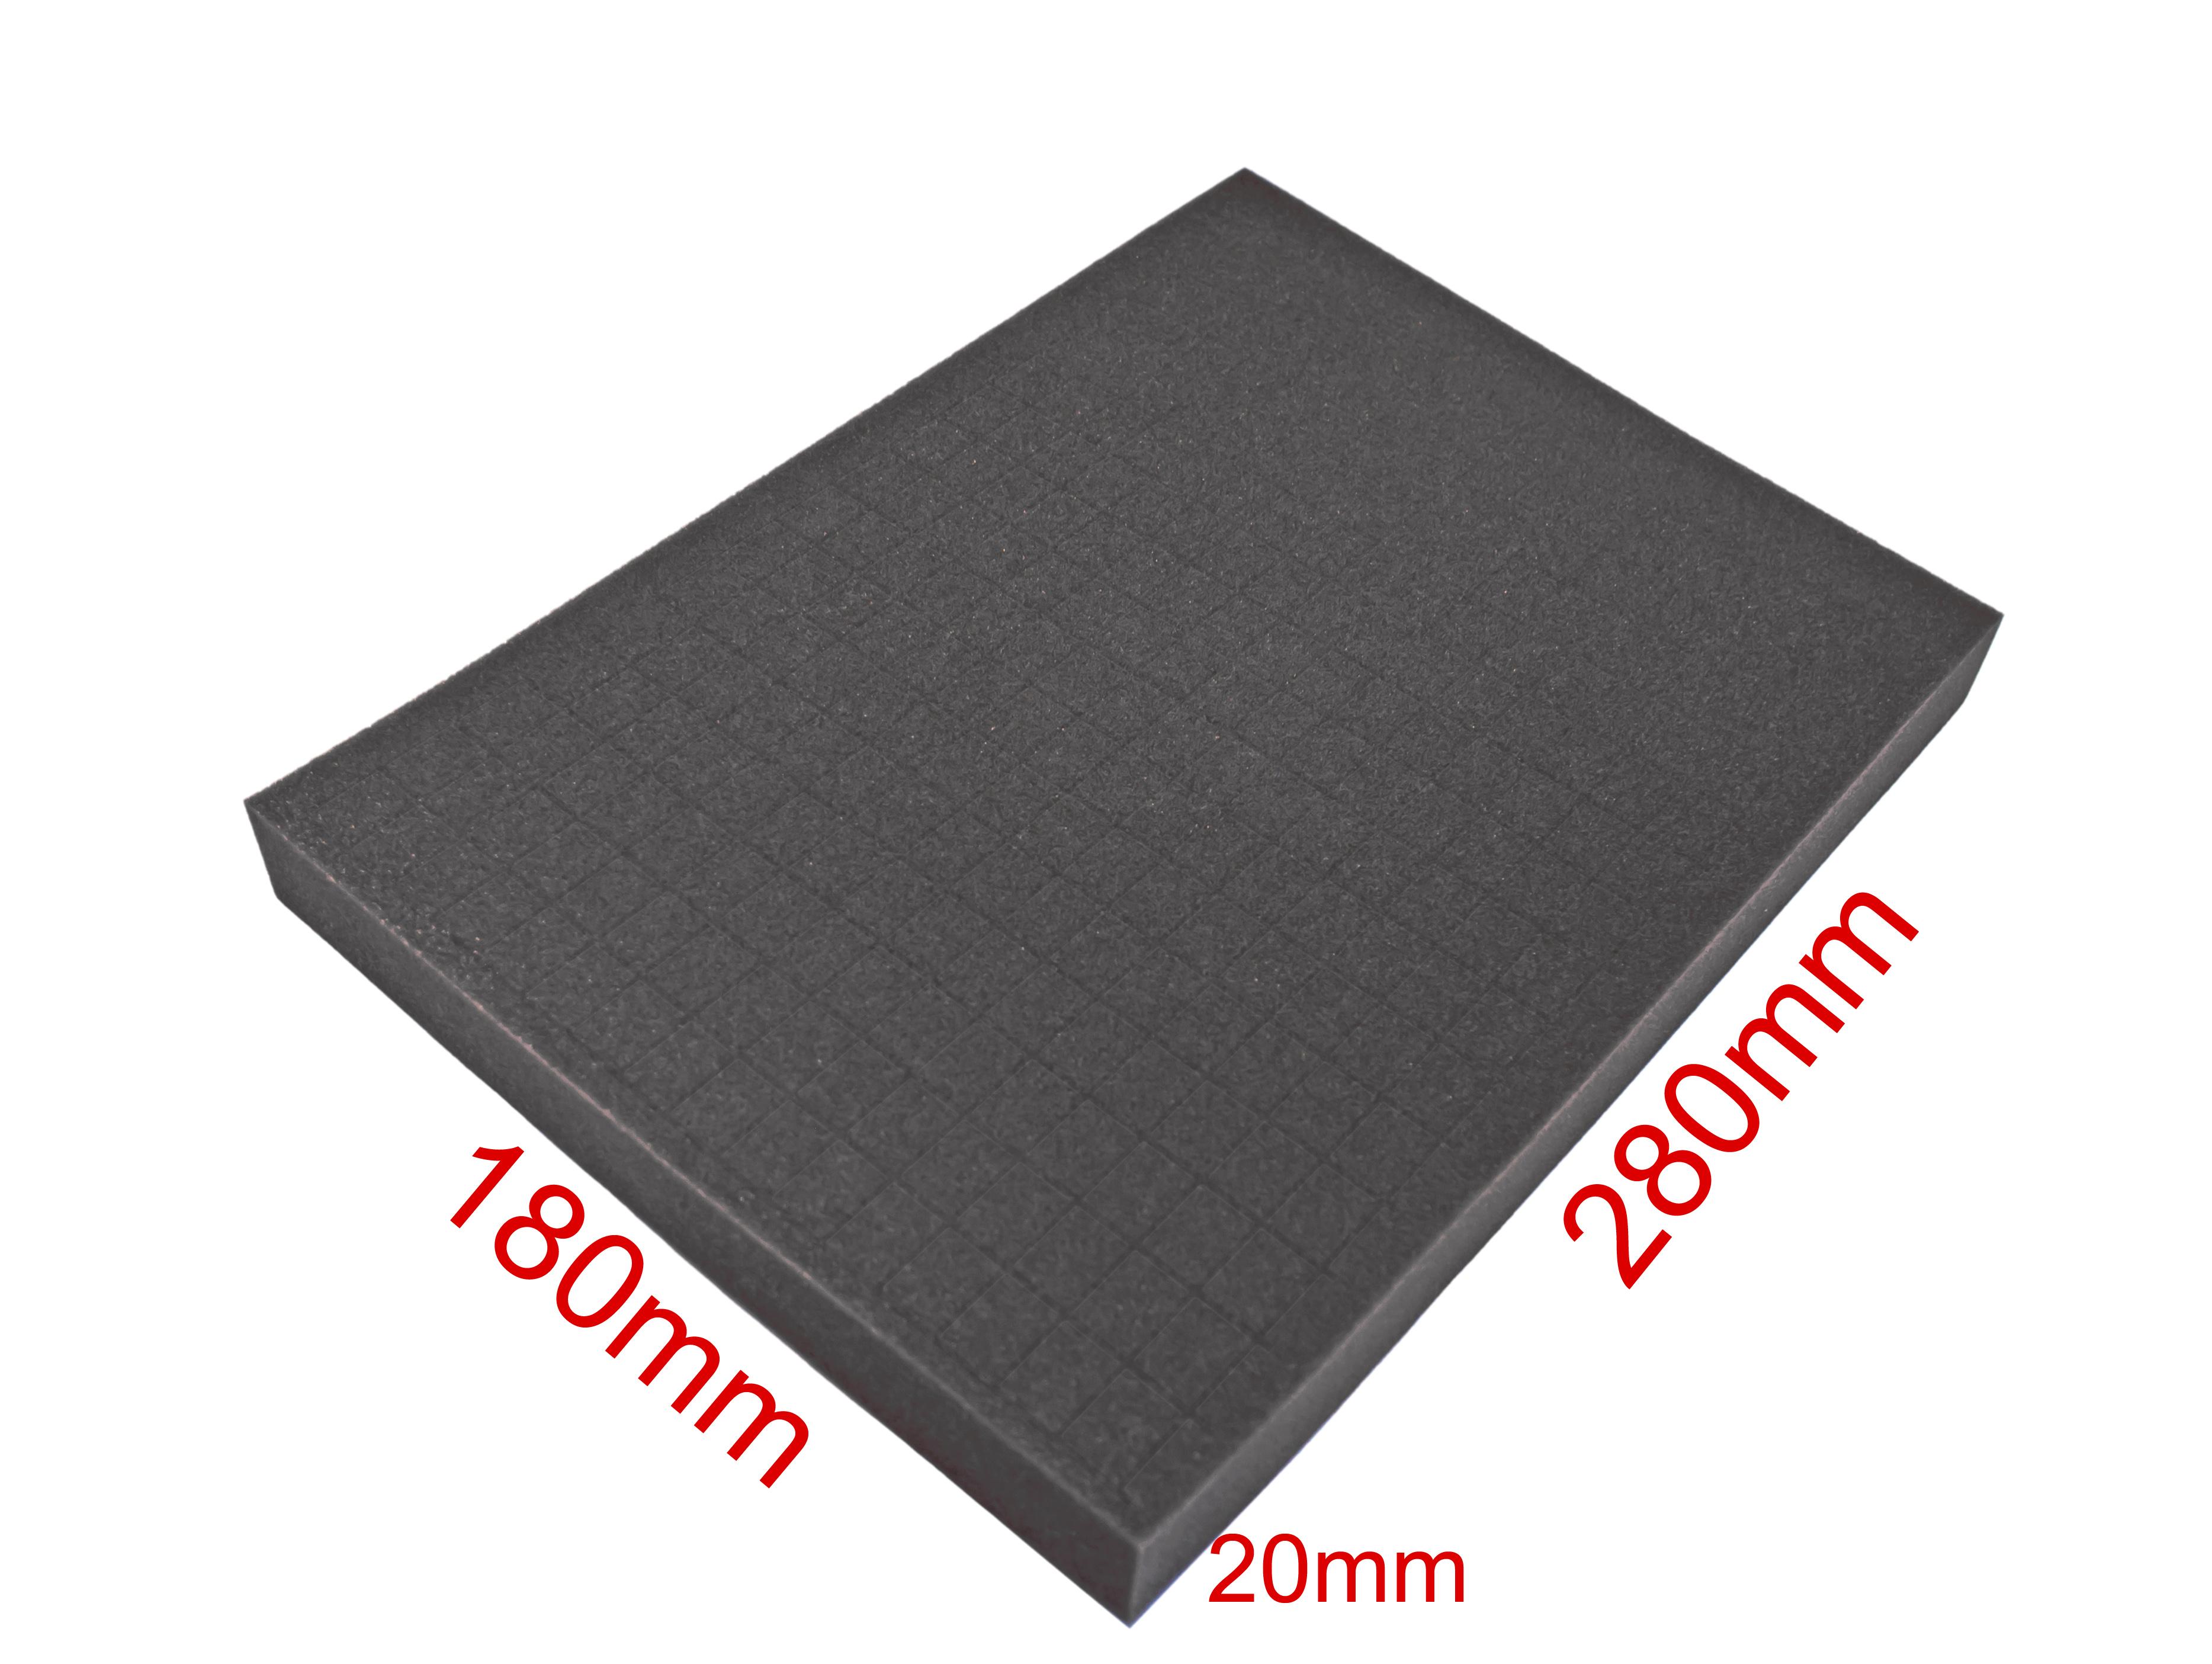 «PeakTech® P 7255 S» foam for aluminum case P 7255